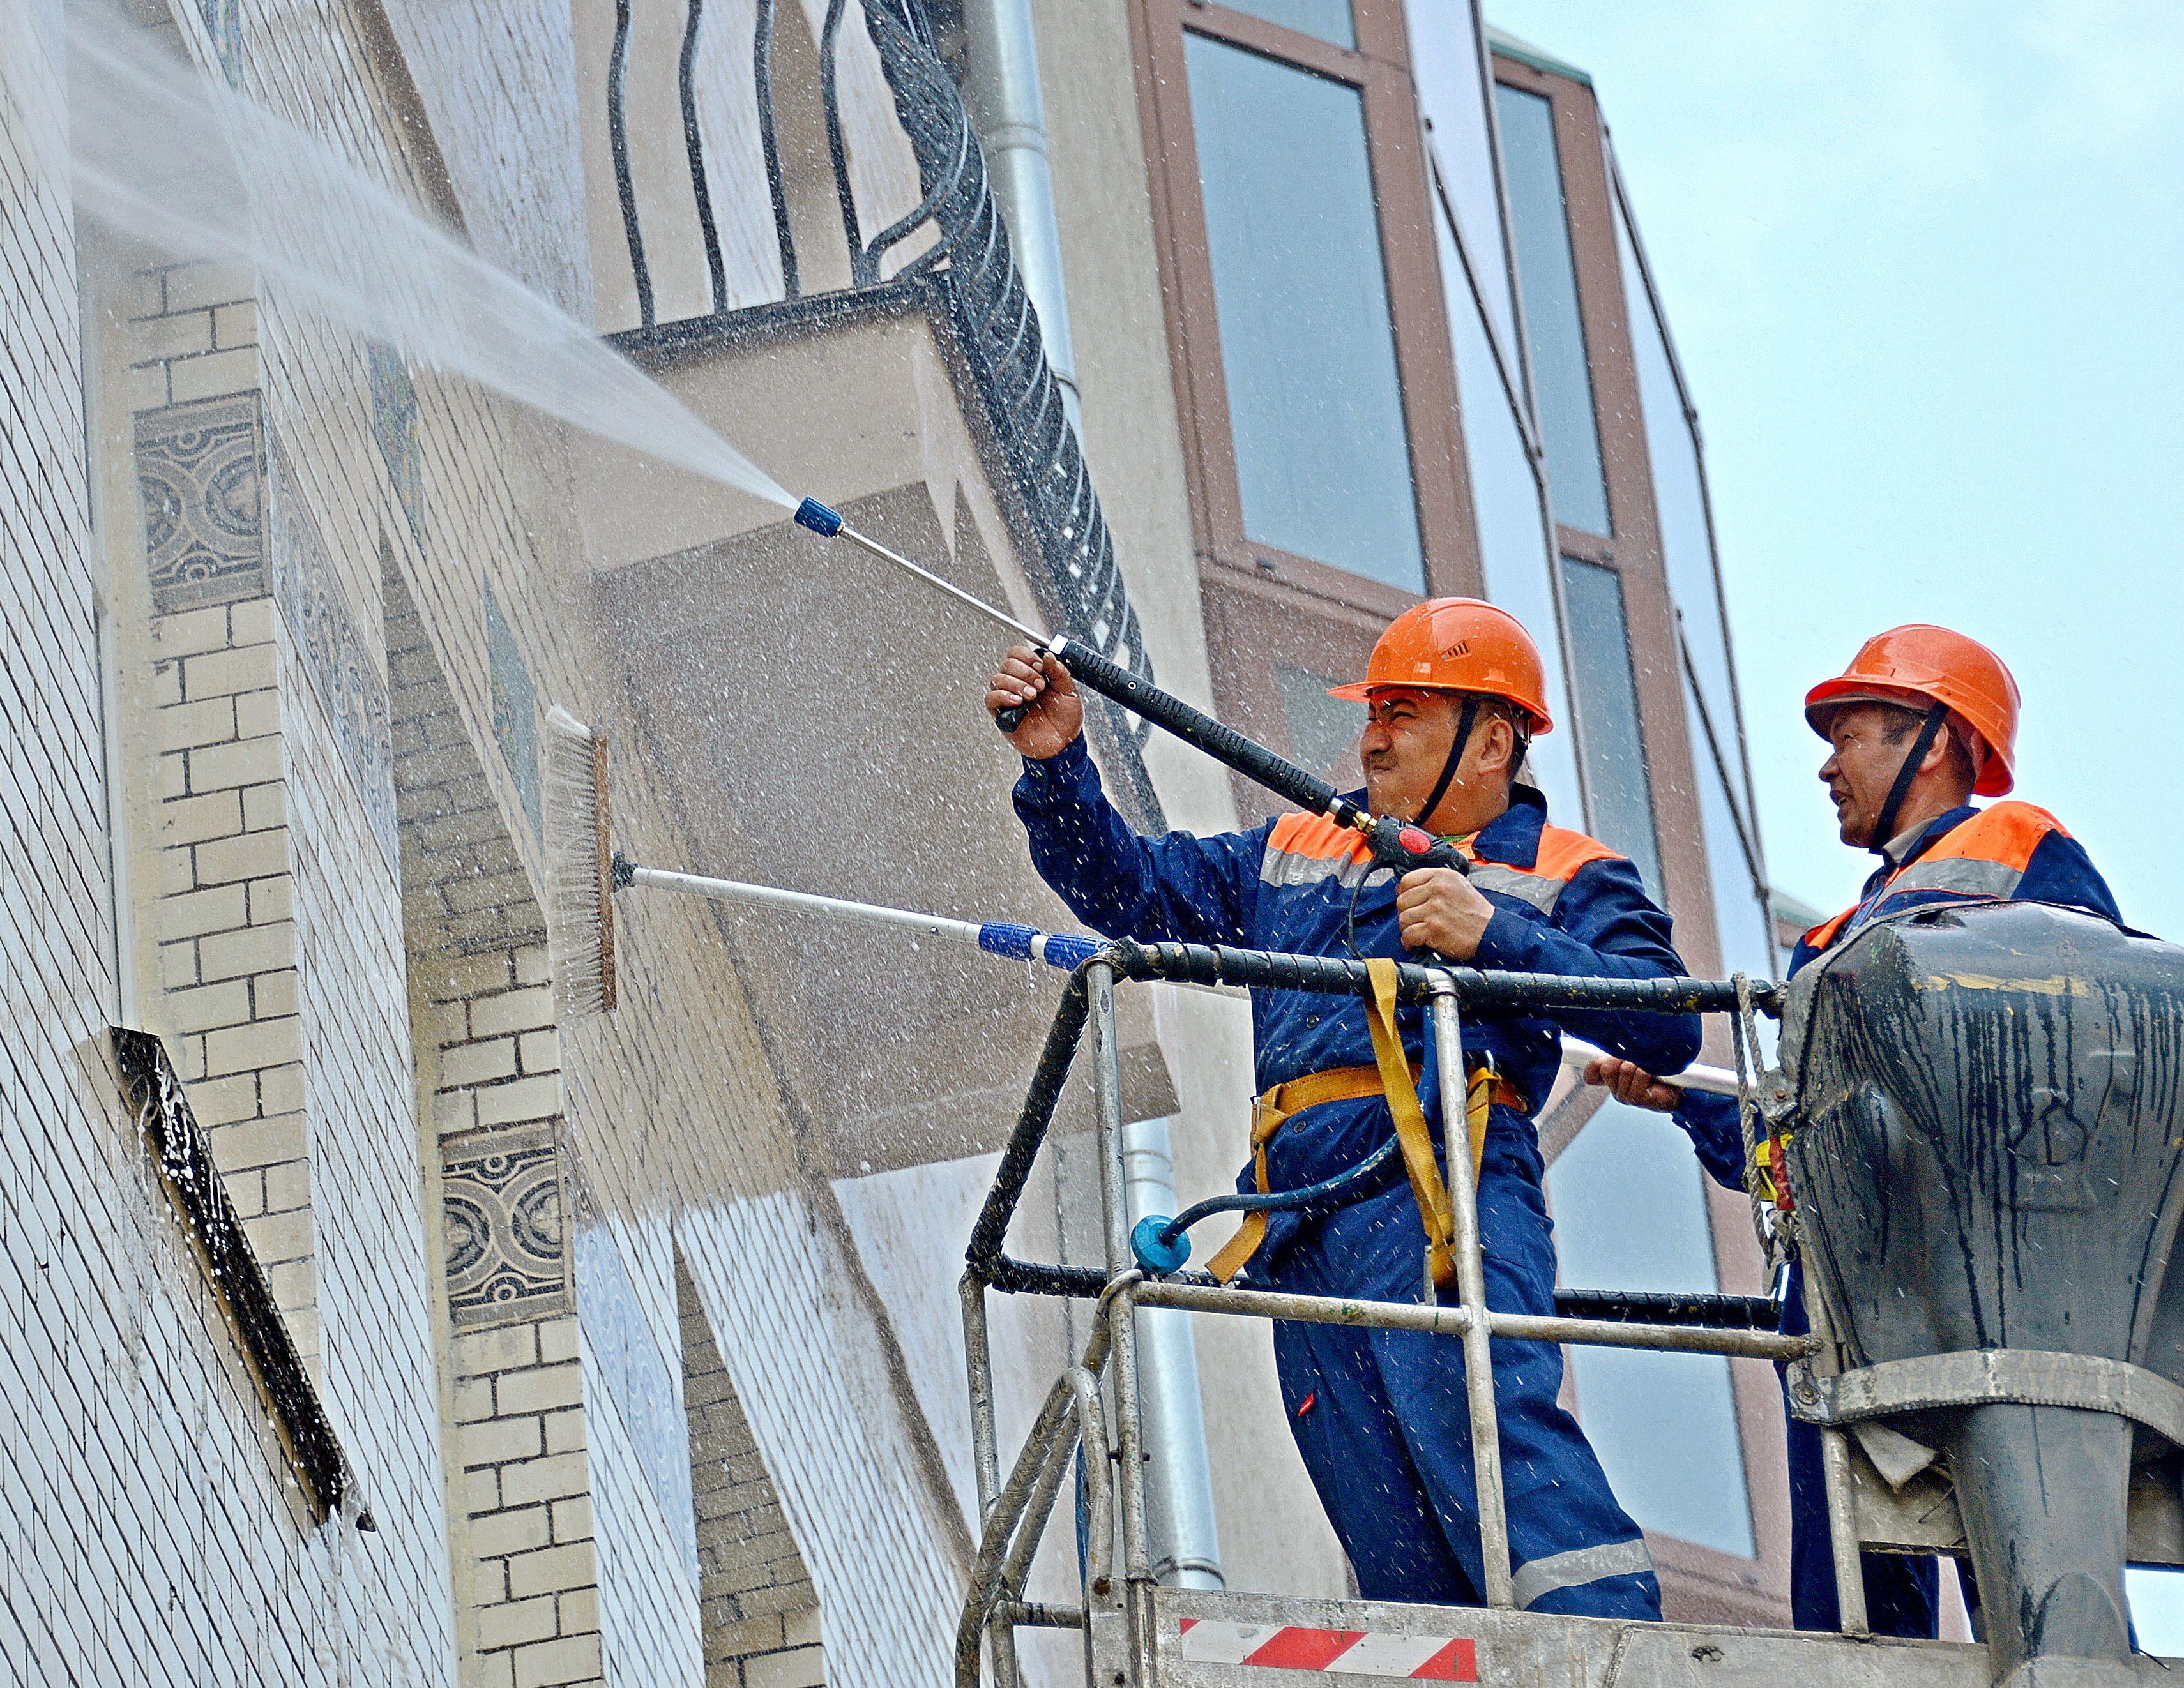 Более 30 многоквартирных домов подготовили к весенне-летней эксплуатации в Михайлово-Ярцевском